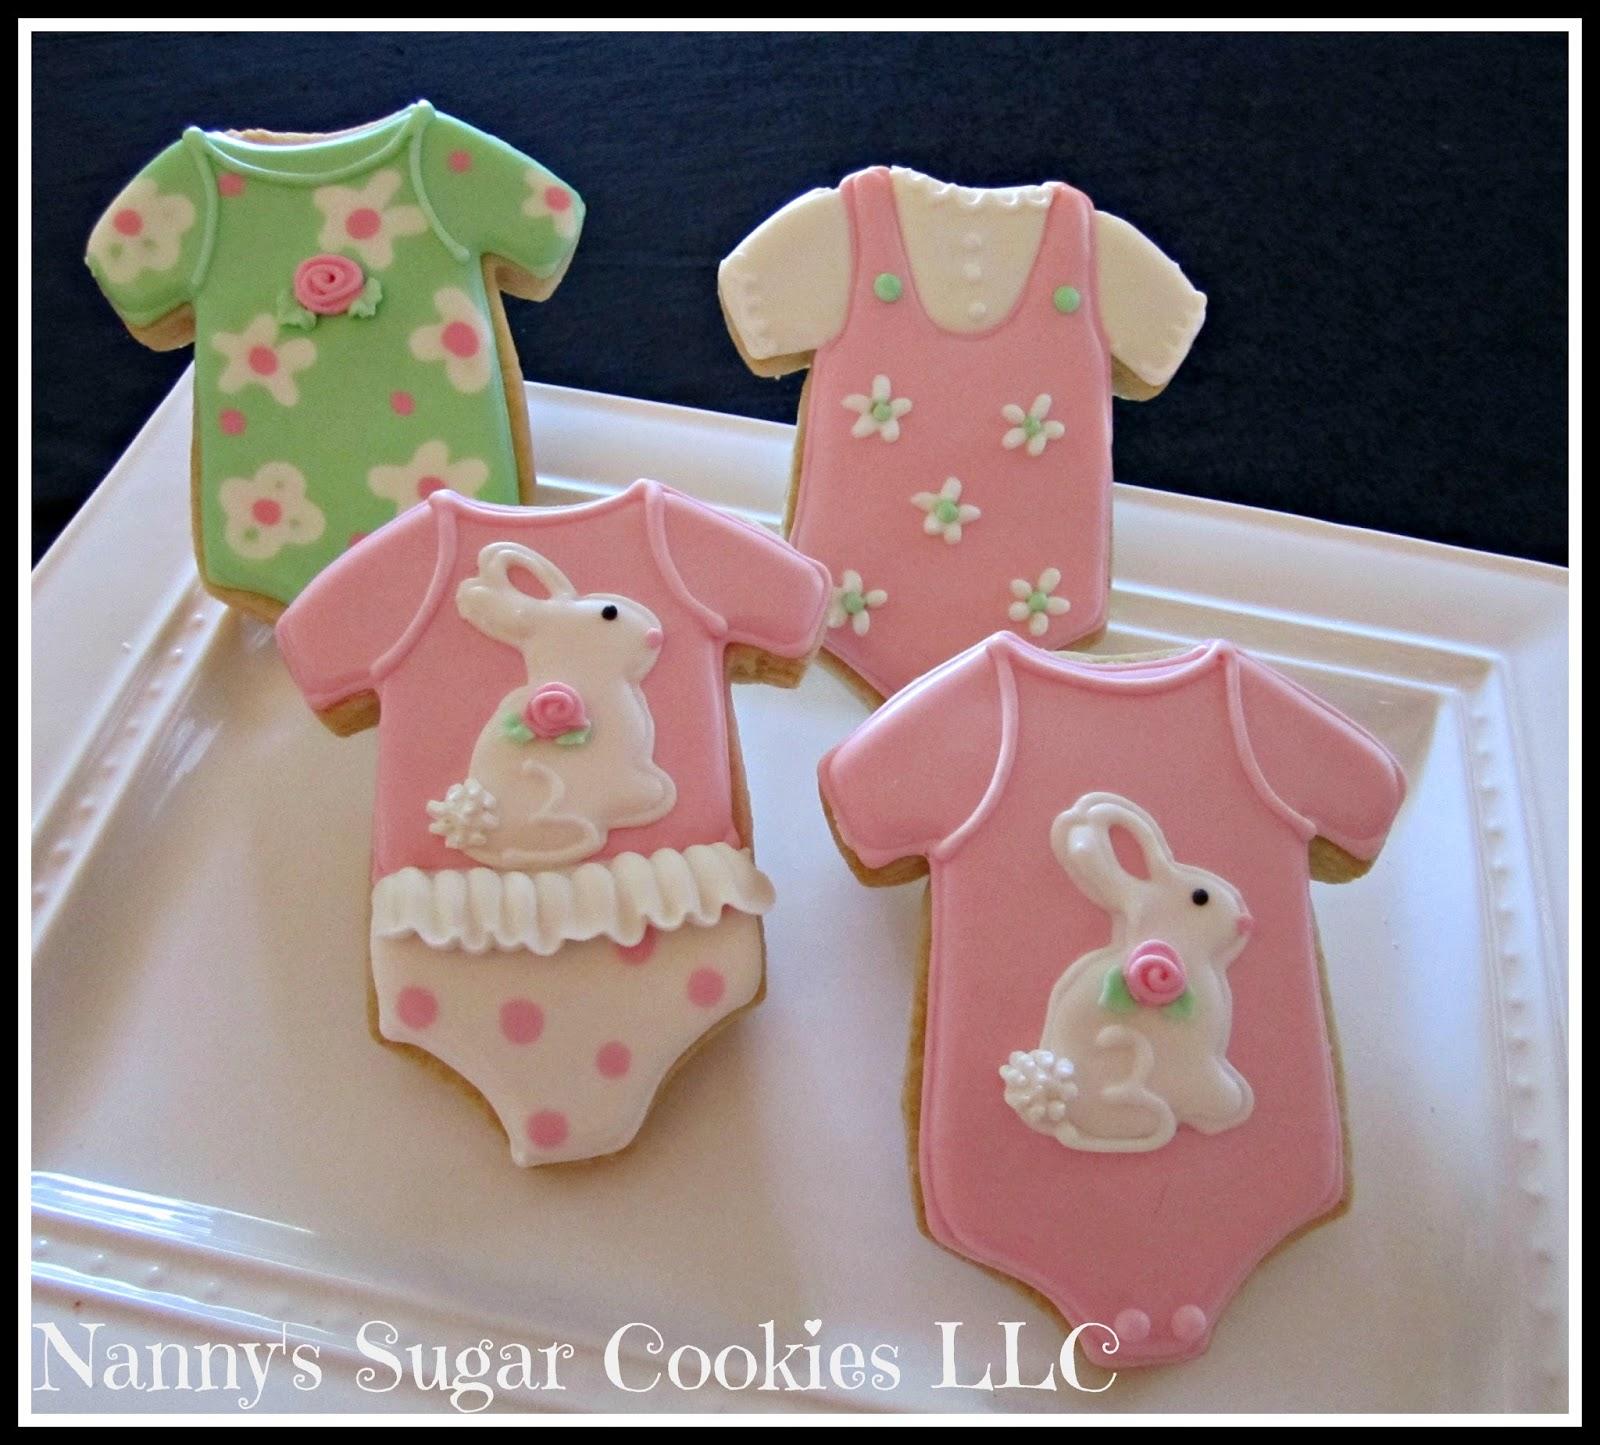 Nanny s Sugar Cookies LLC